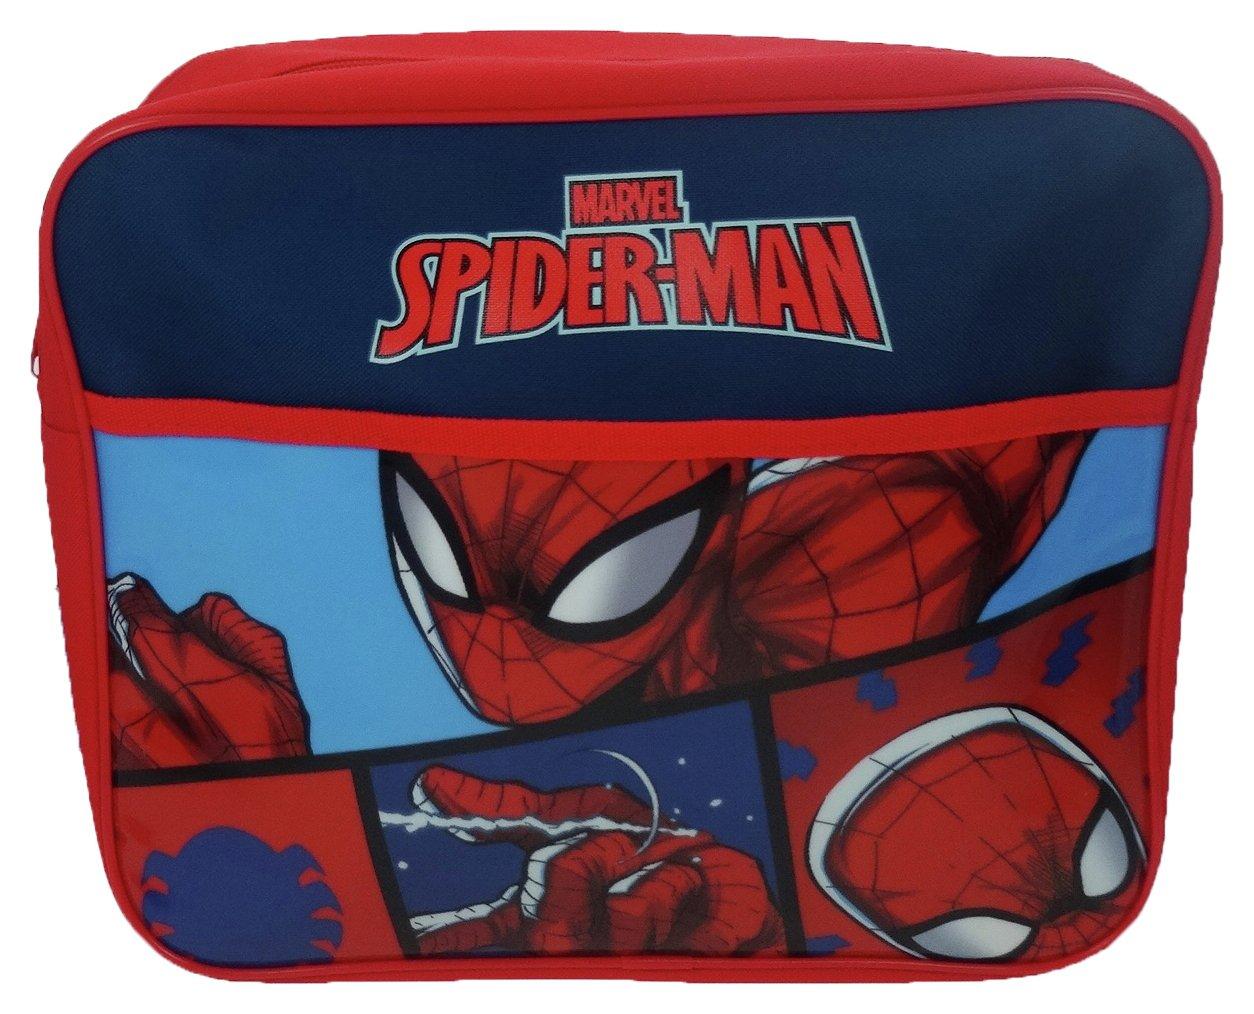 Marvel Spiderman Messenger Bag lowest price